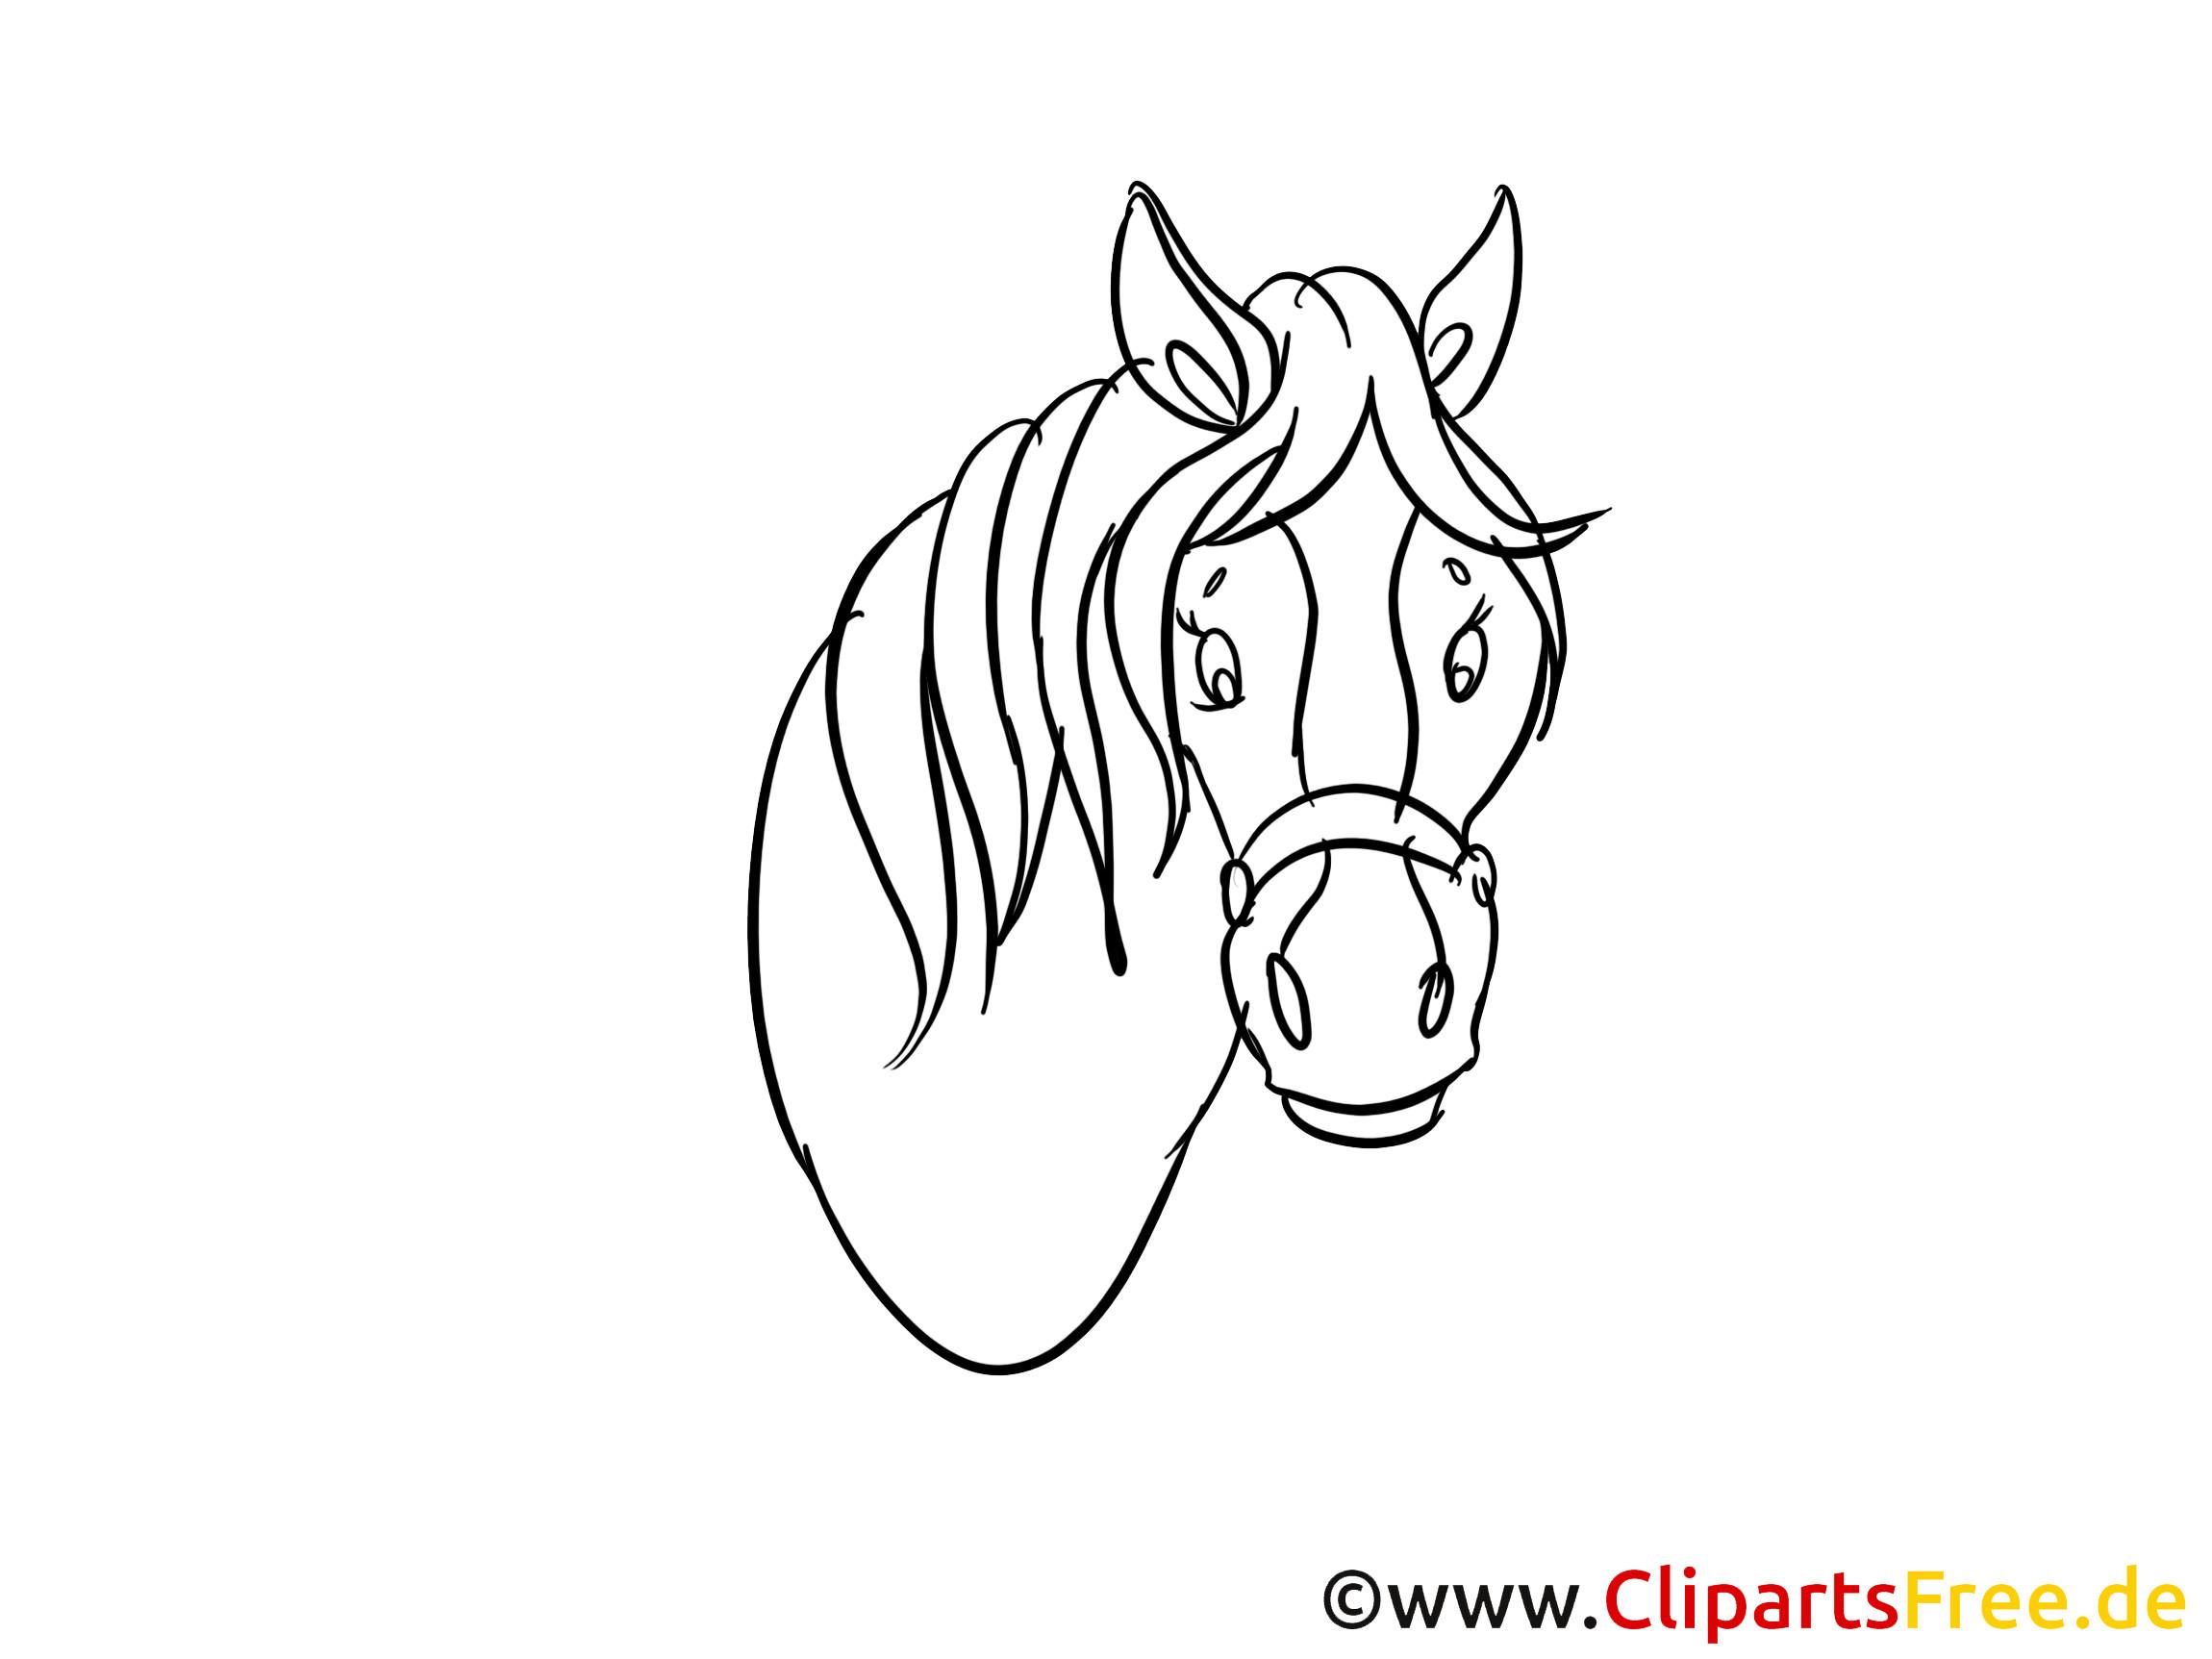 20 Der Besten Ideen Für Pferdekopf Ausmalbilder - Beste